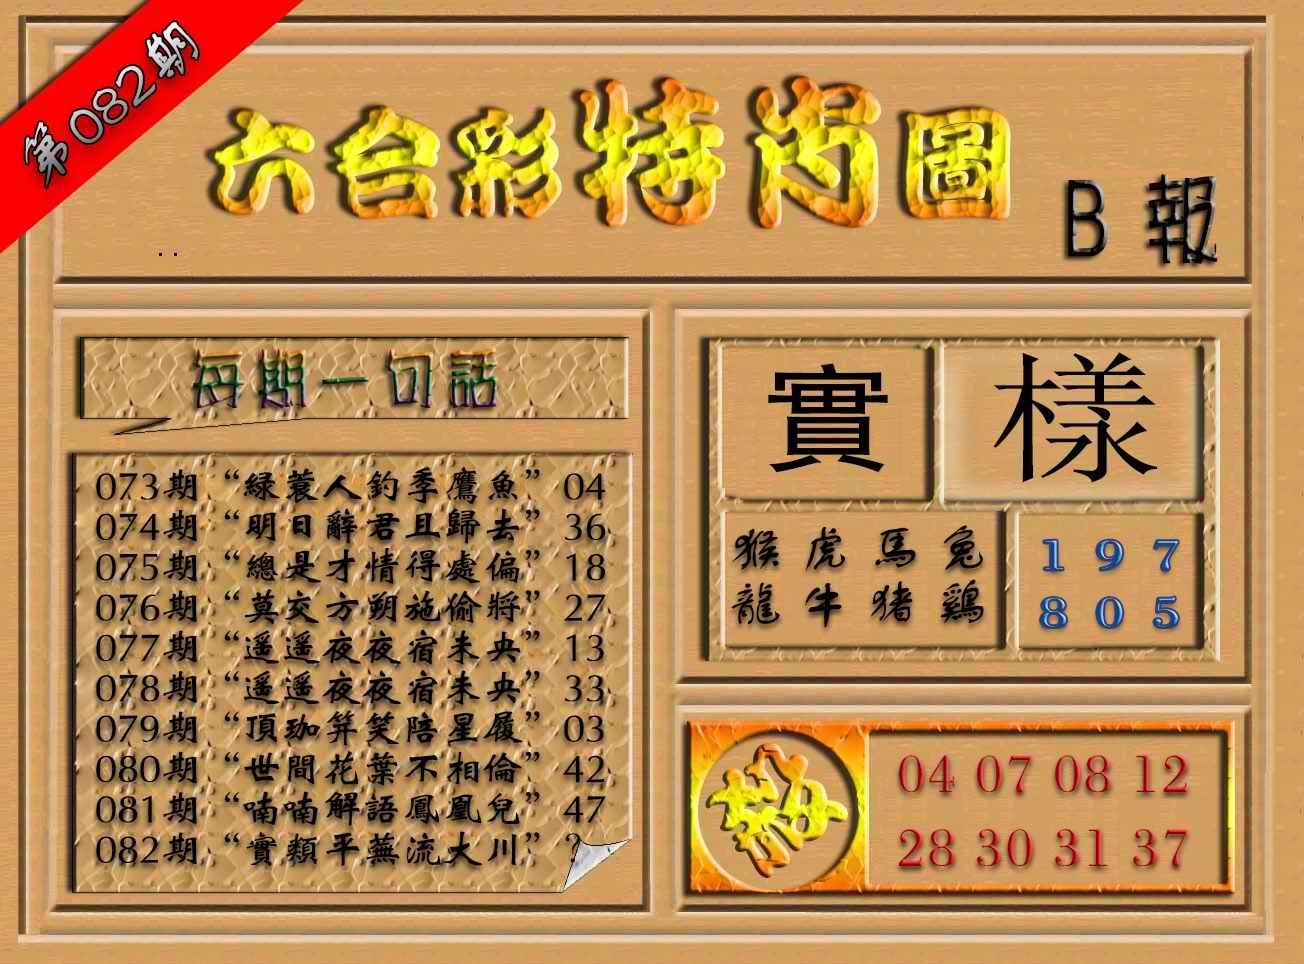 082期六合彩特肖图(B报)